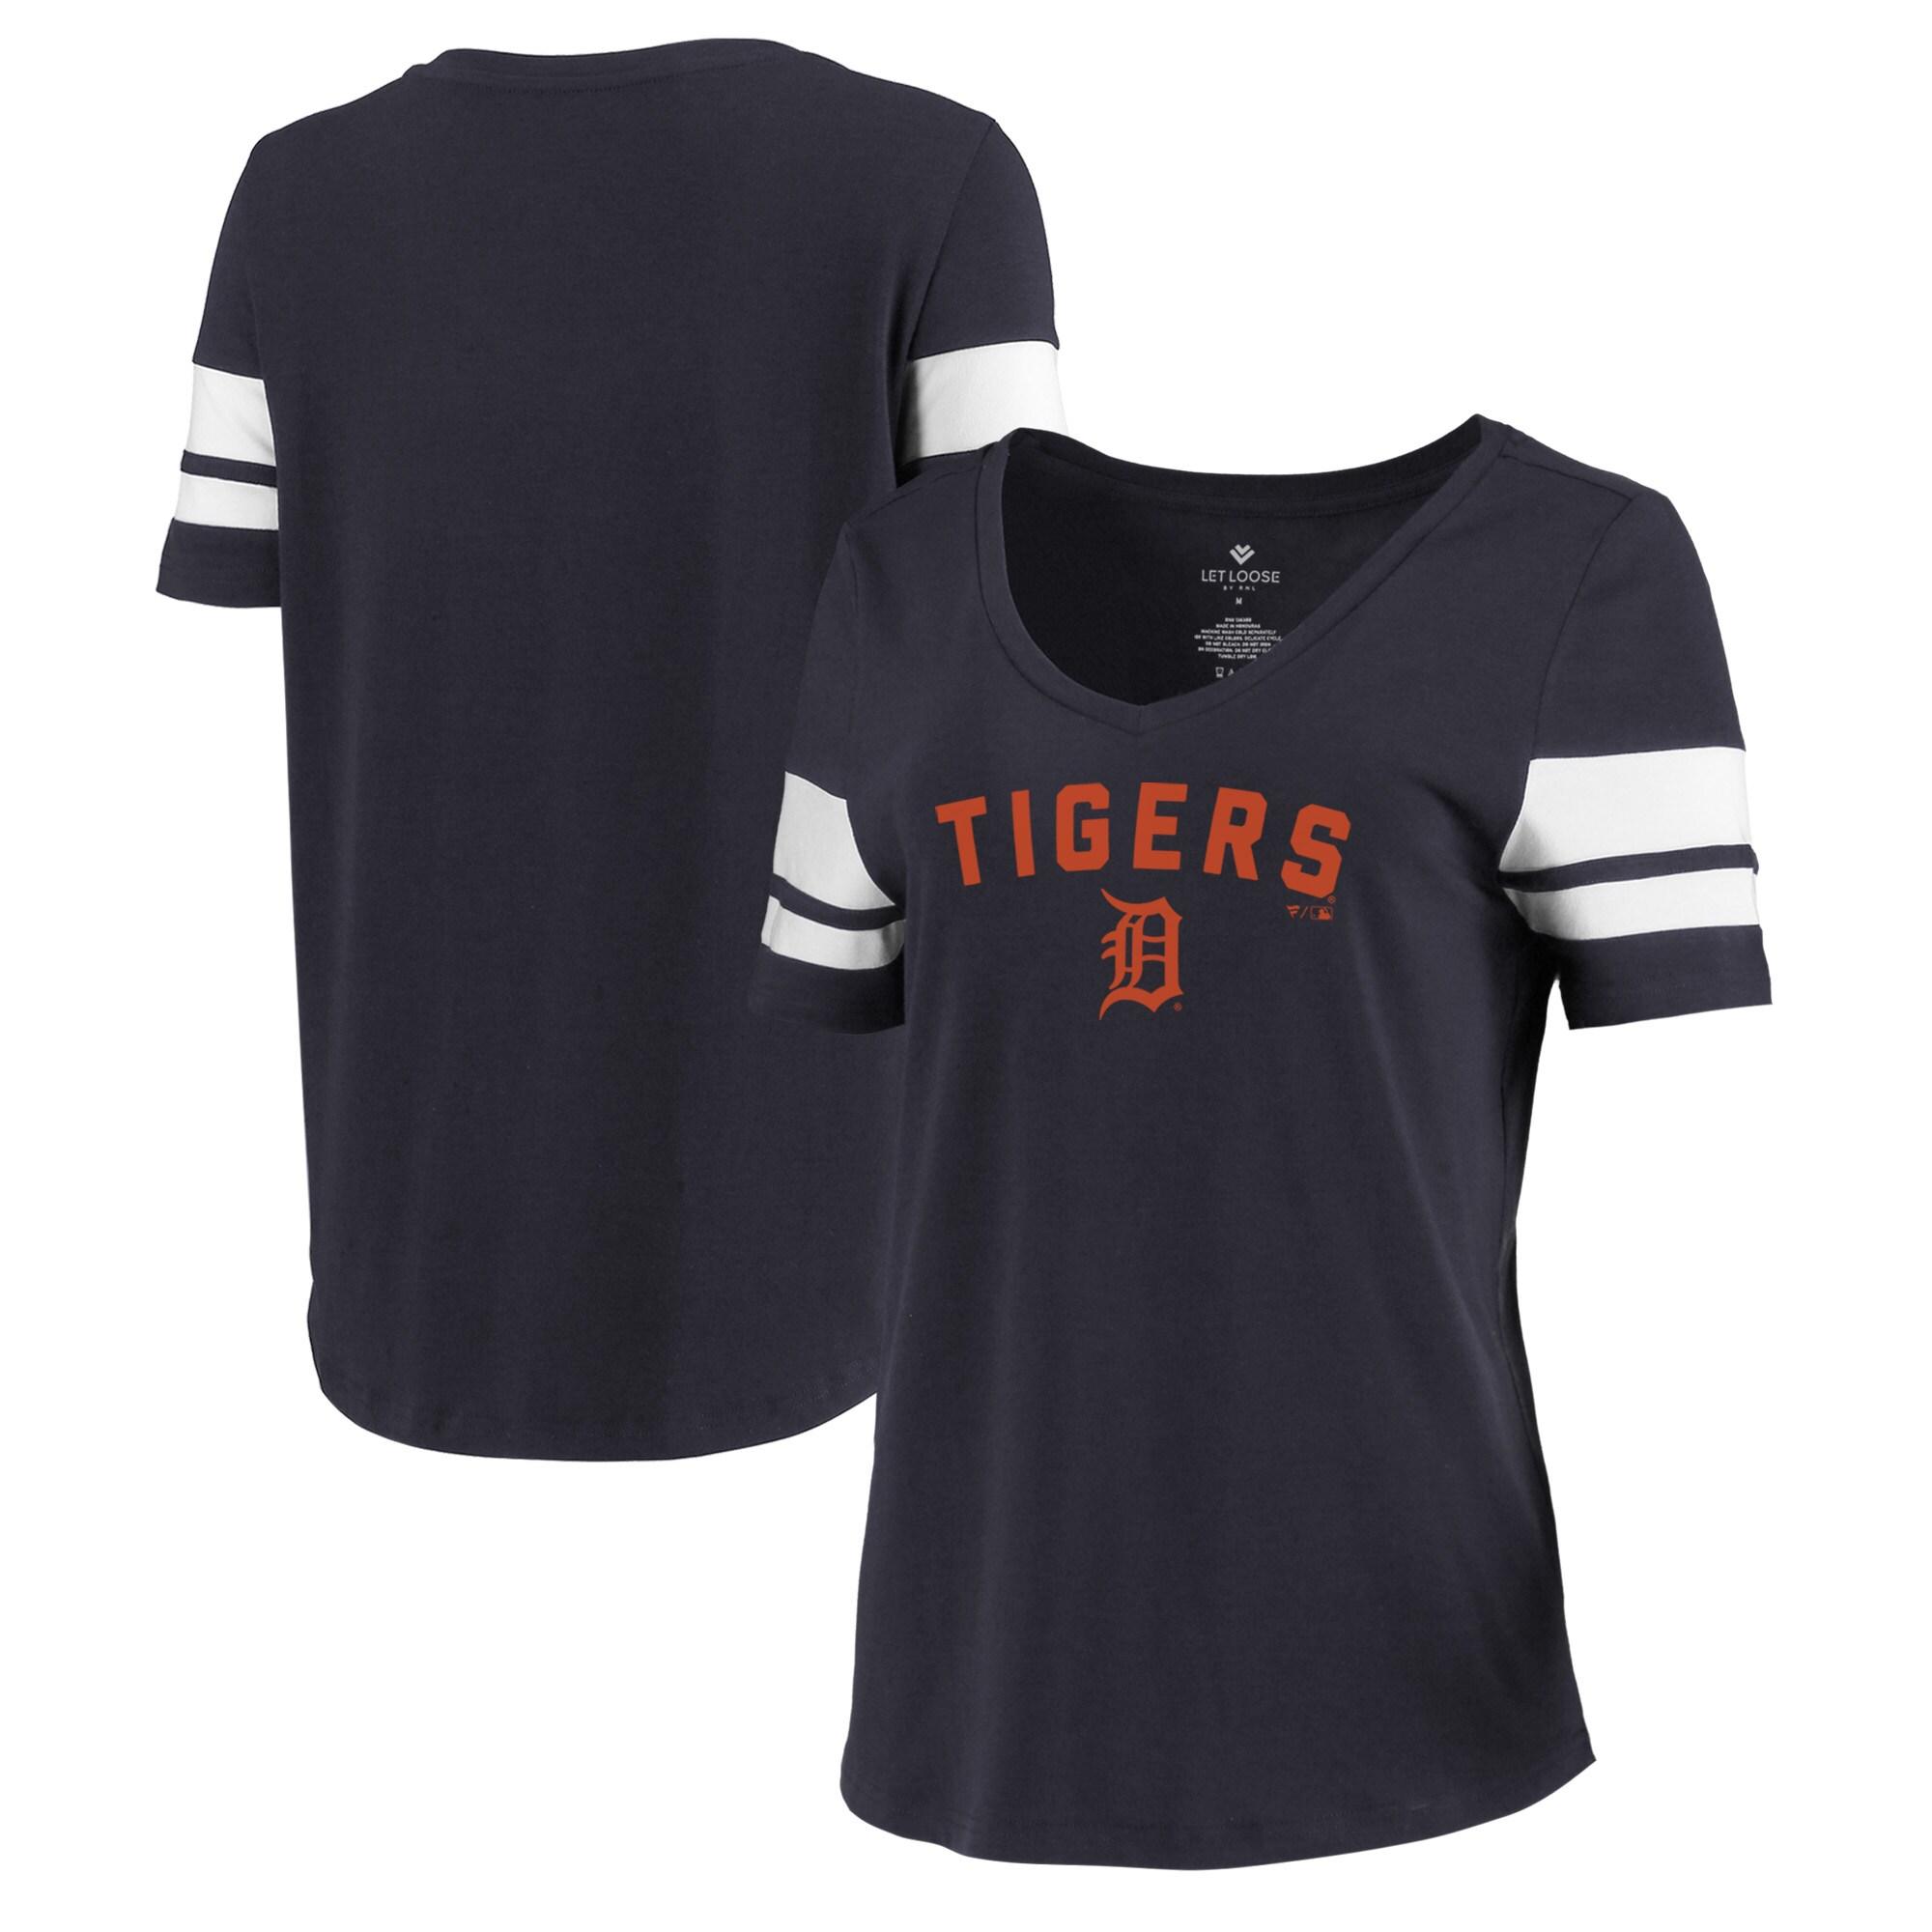 Detroit Tigers Let Loose by RNL Women's Scramble Two Stripe Tri-Blend T-Shirt - Navy